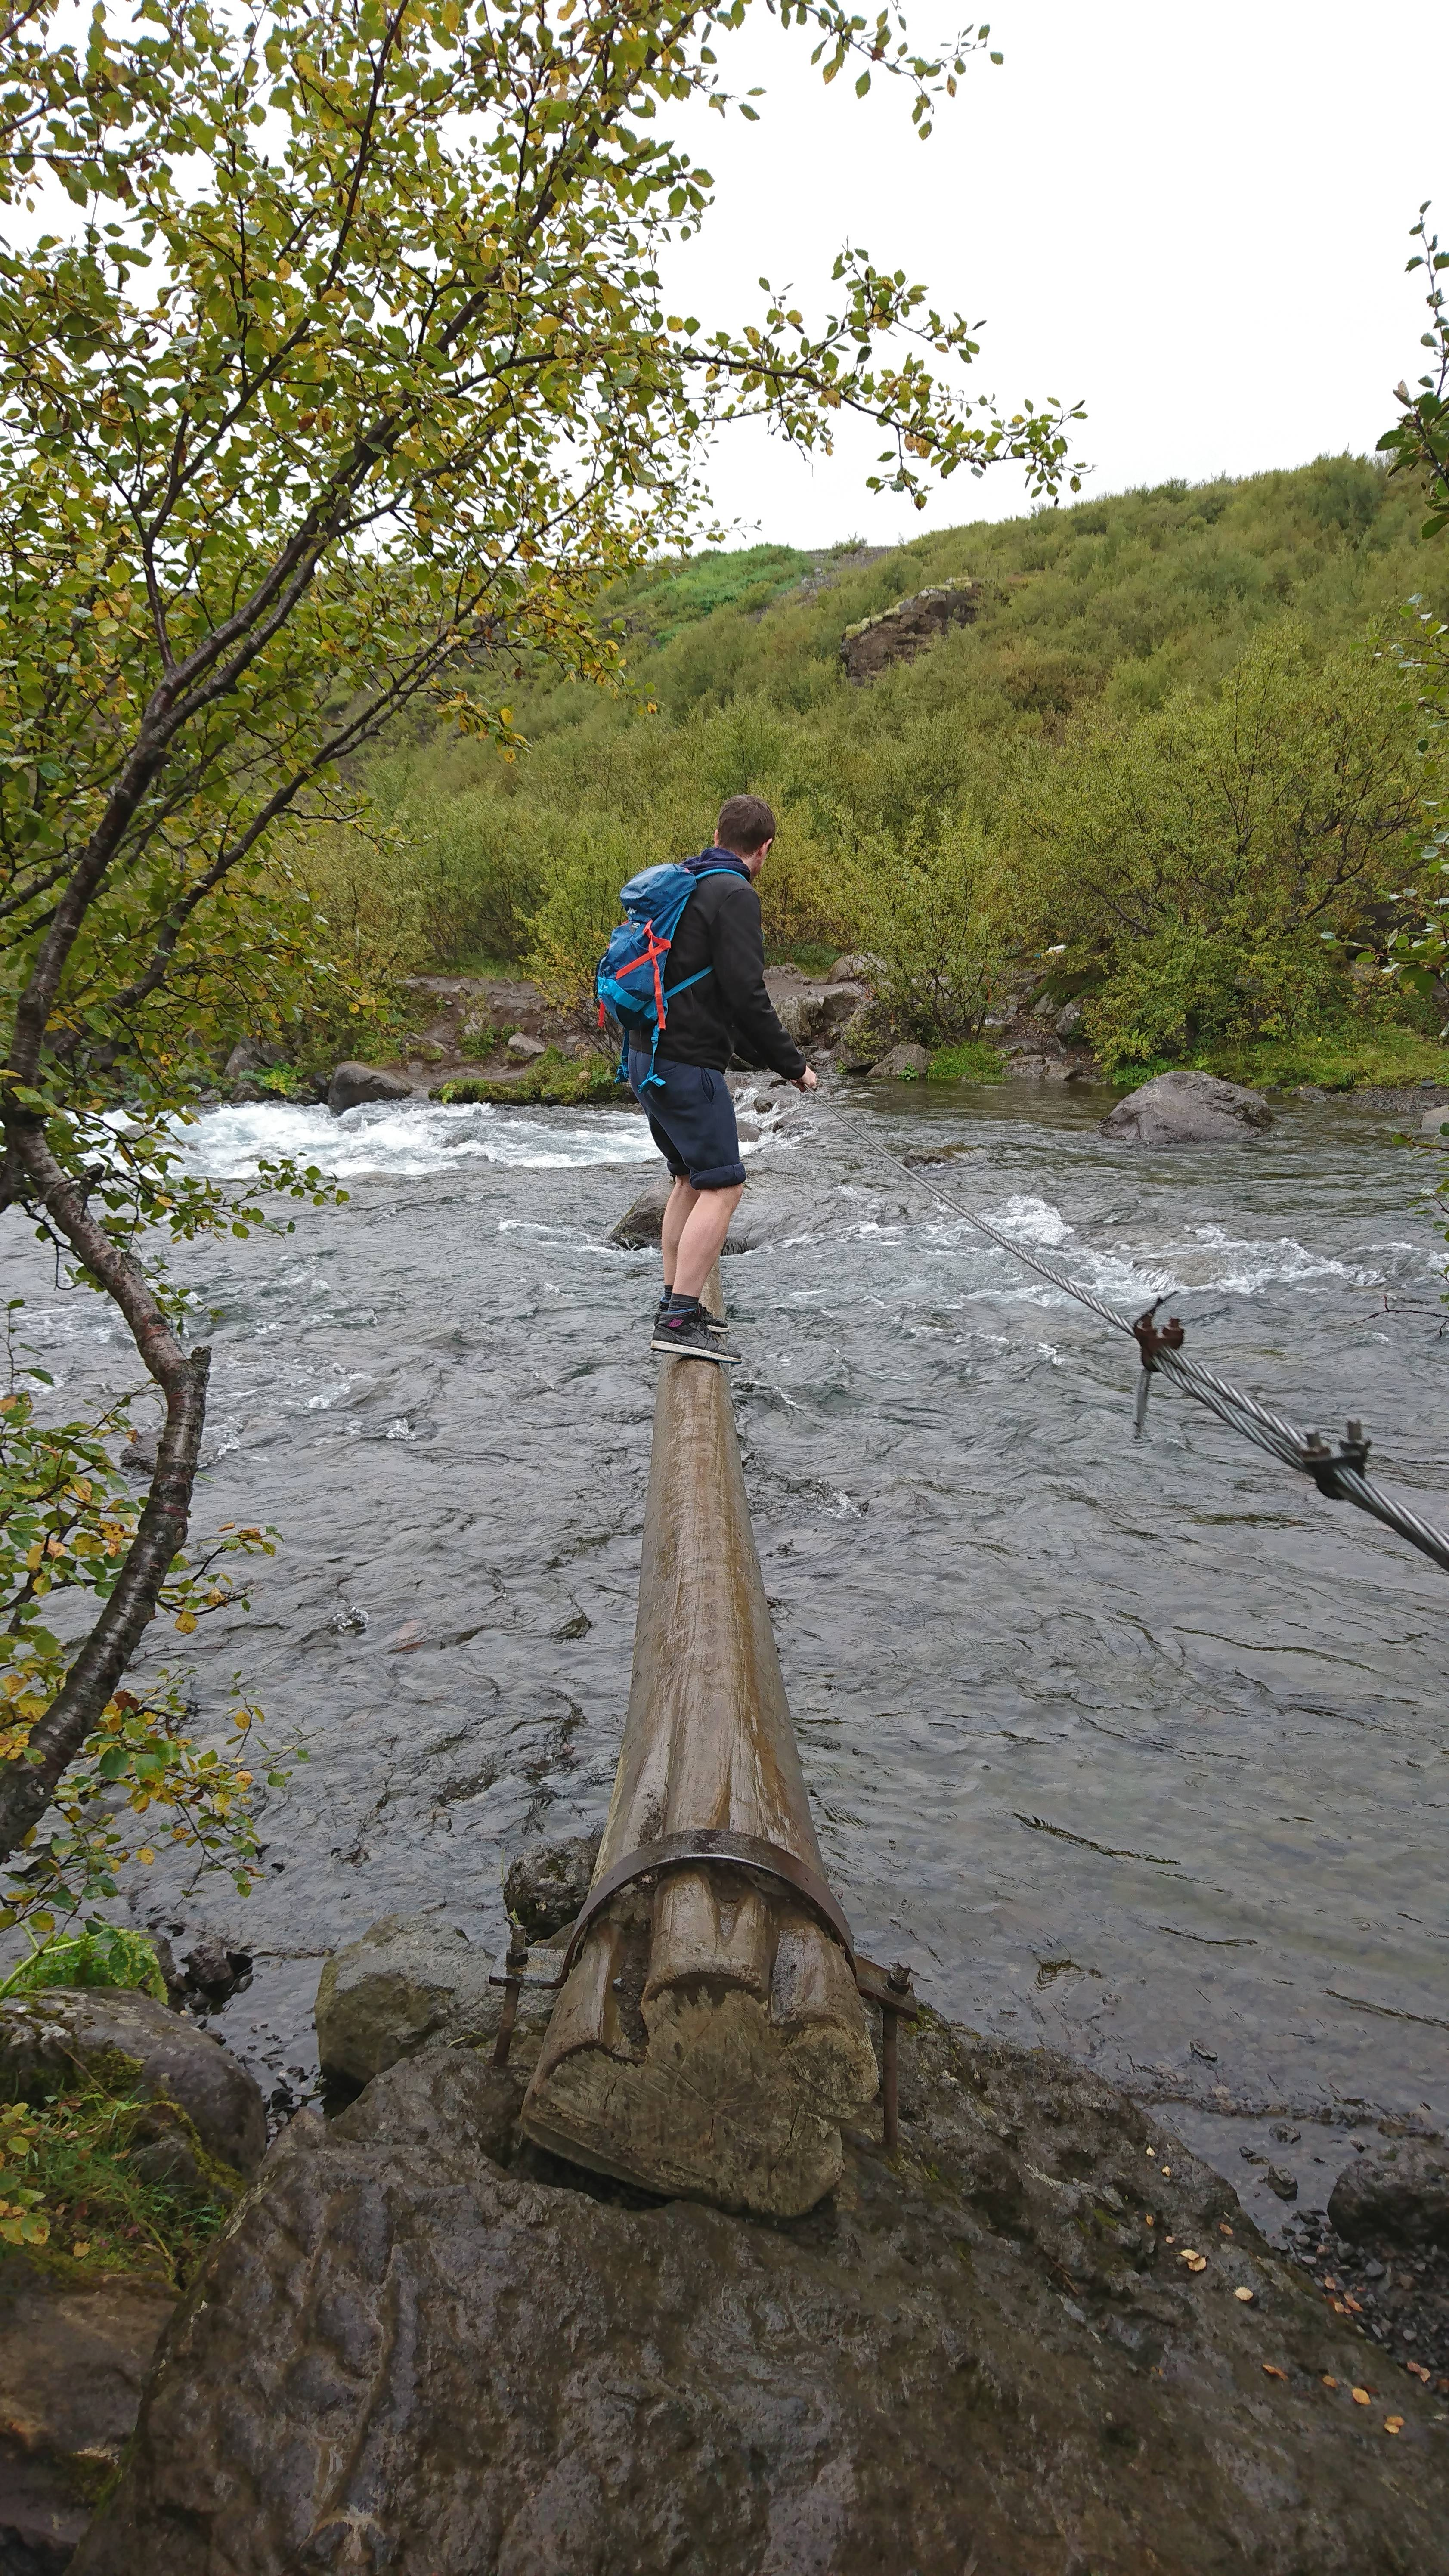 Photo 2: Glymur, une cascade bien cachée !